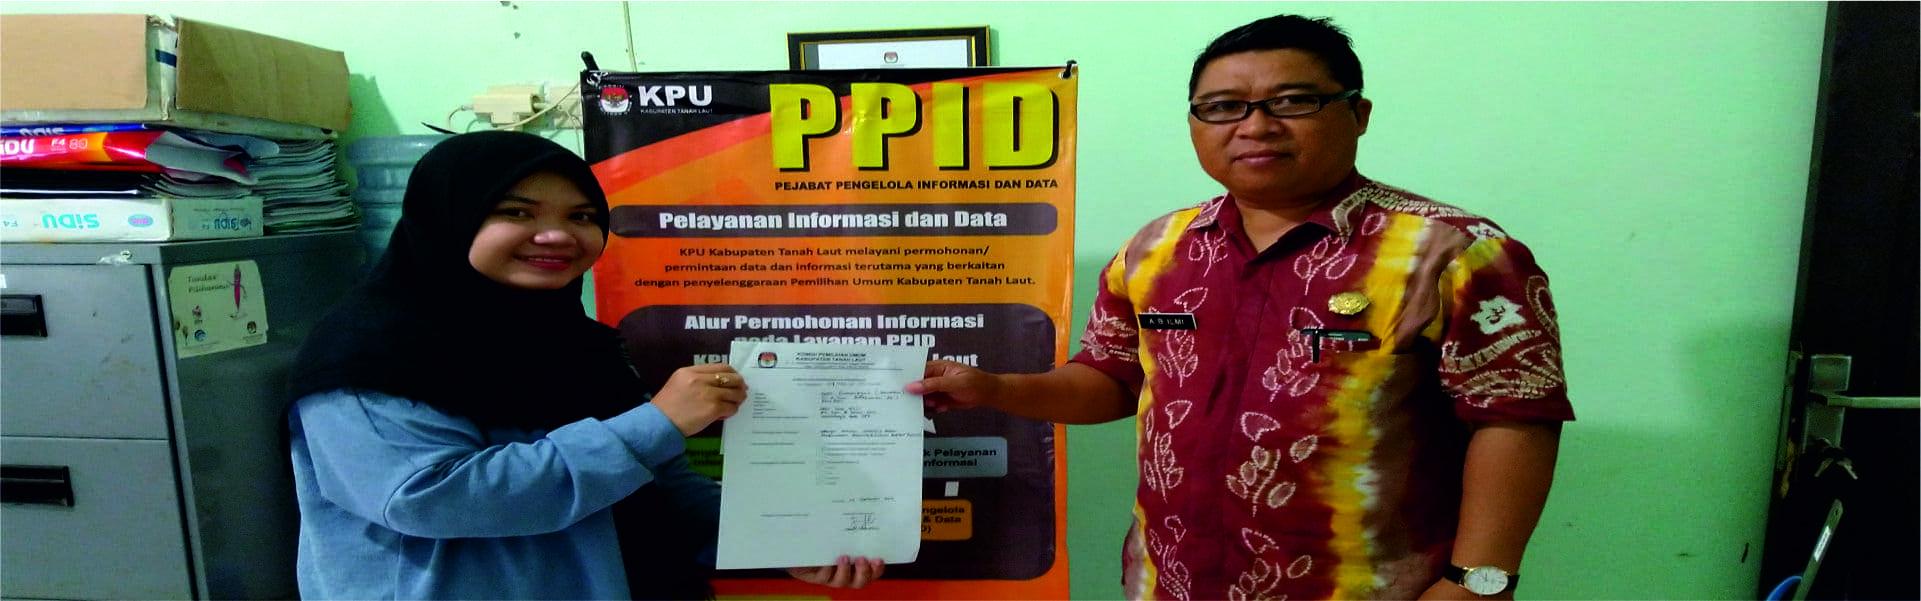 Pelayanan PPID KPU Kabupaten Tanah Laut